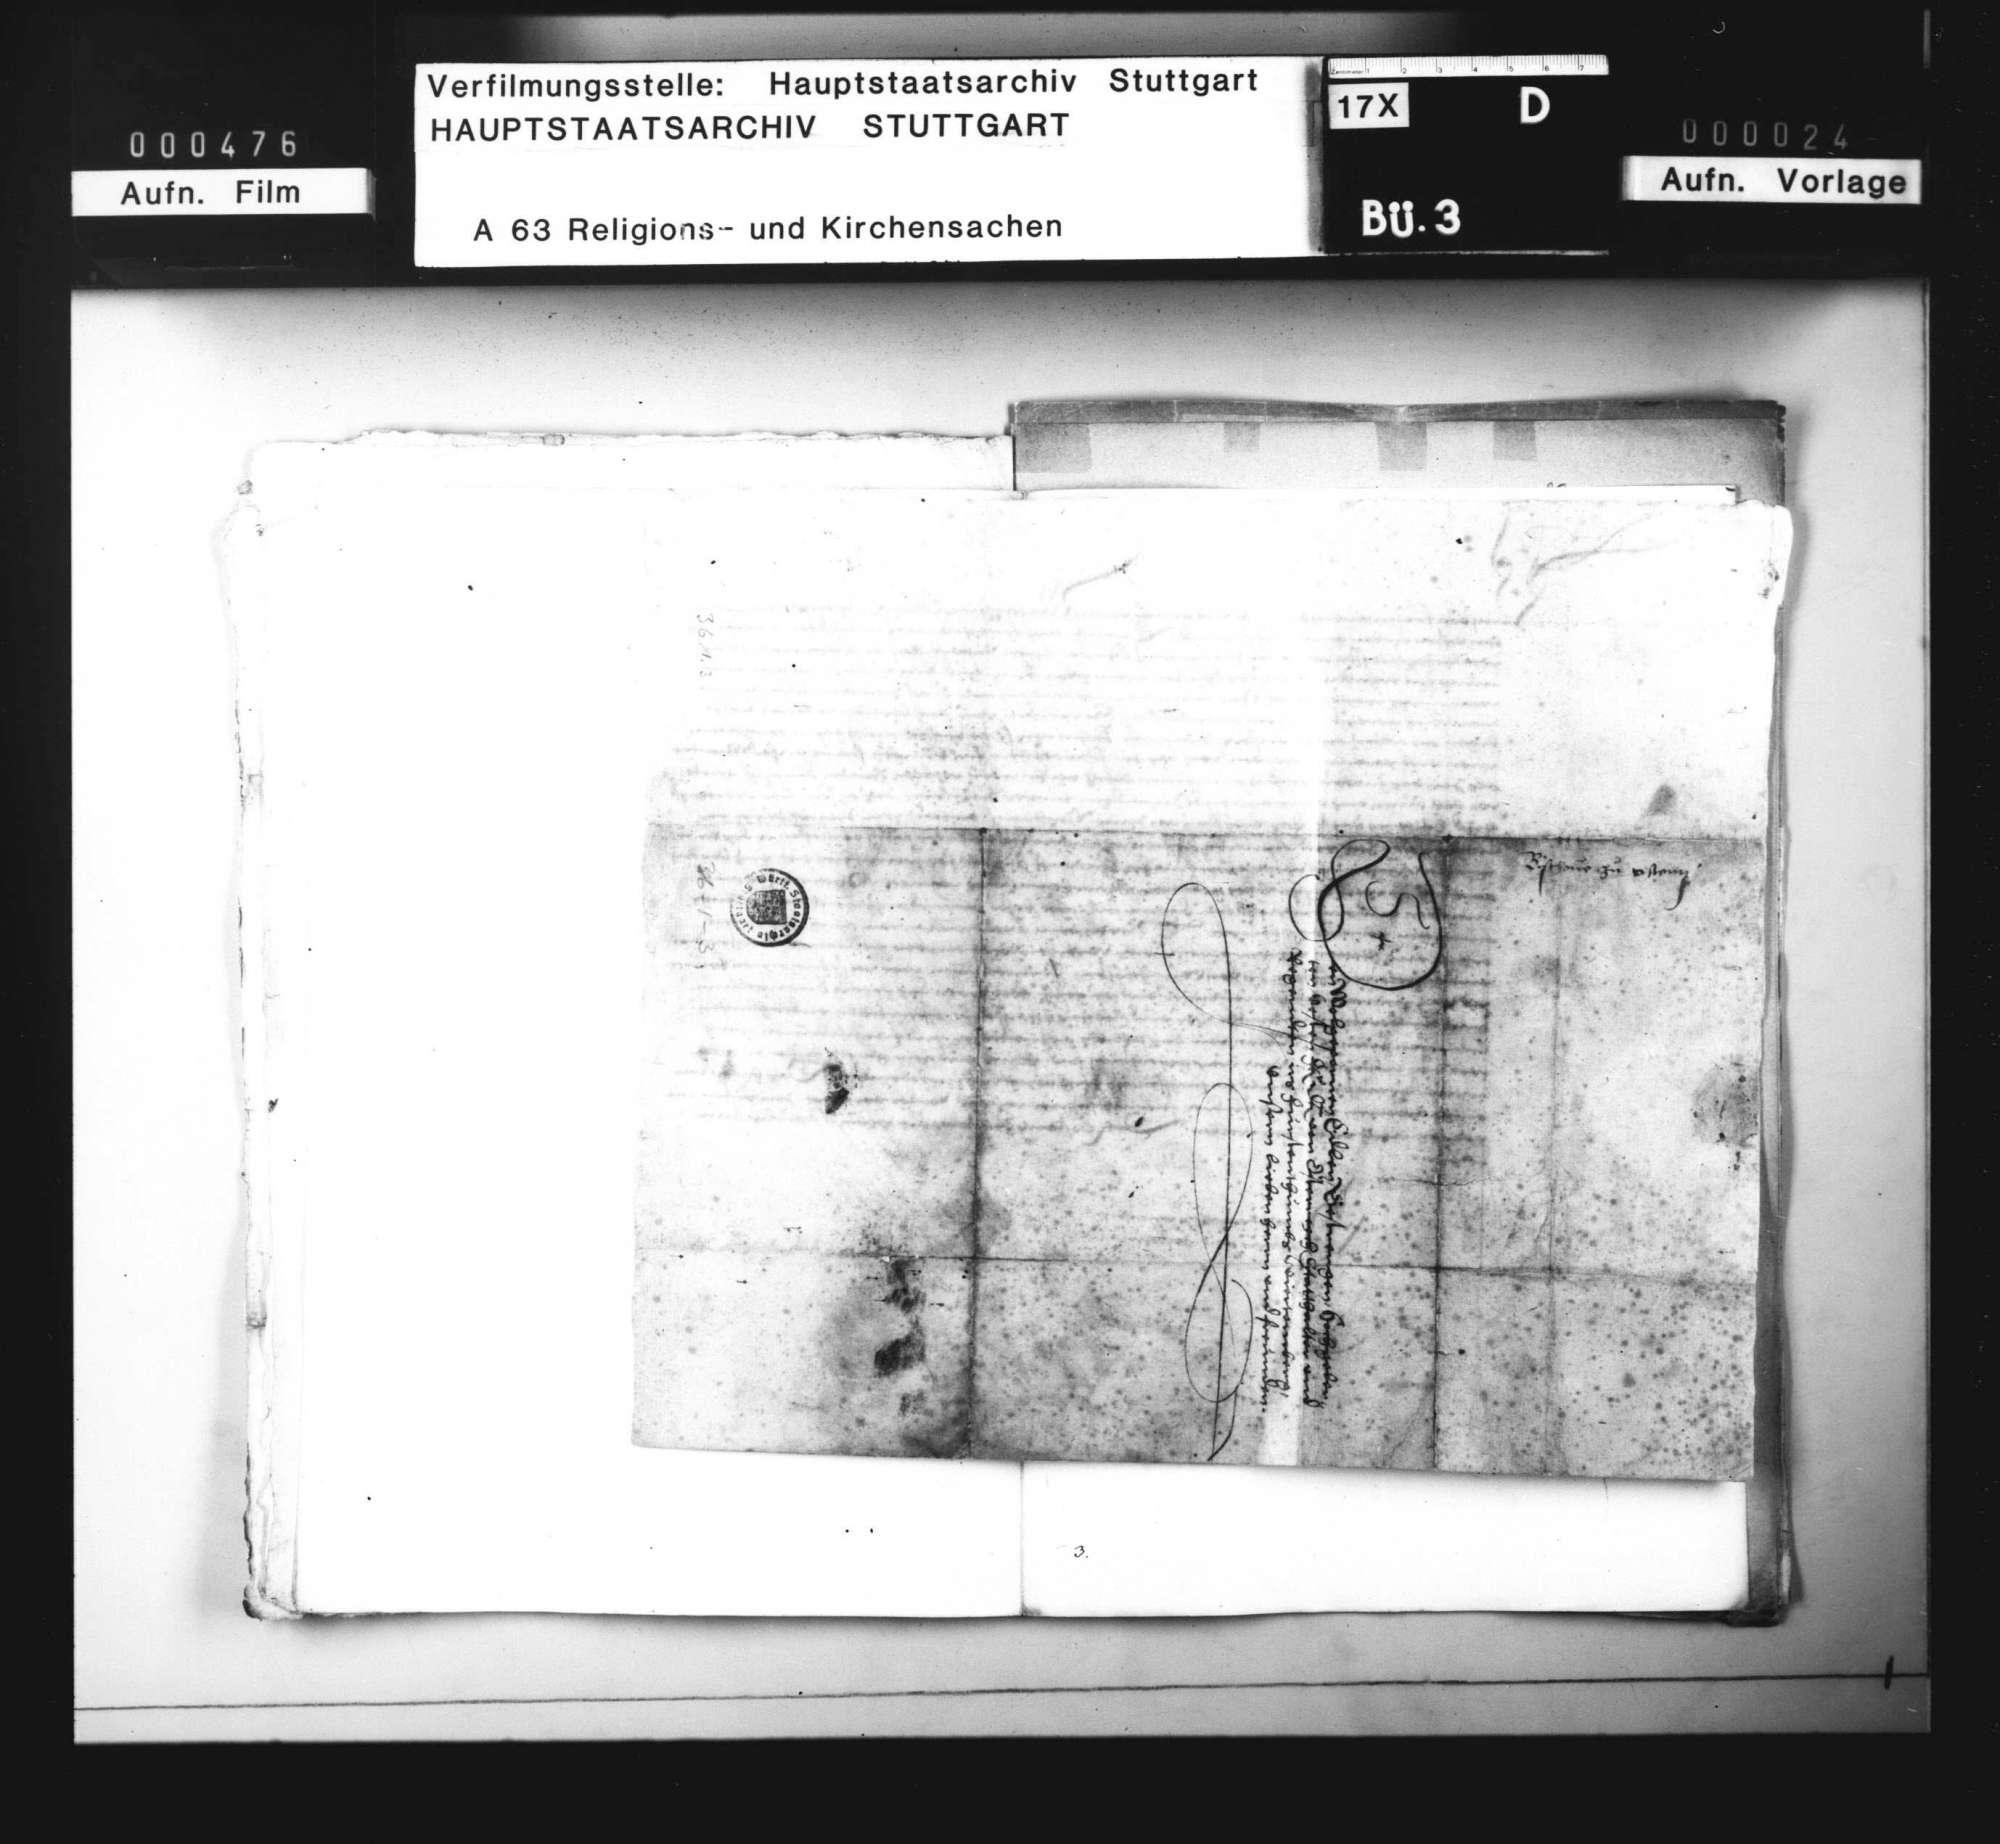 Schreiben des Bischofs von Konstanz an die österreichische Regentschaft, die Unterdrückung der lutherischen Lehre in Württemberg betreffend, besonders zu Köngen, Bild 3